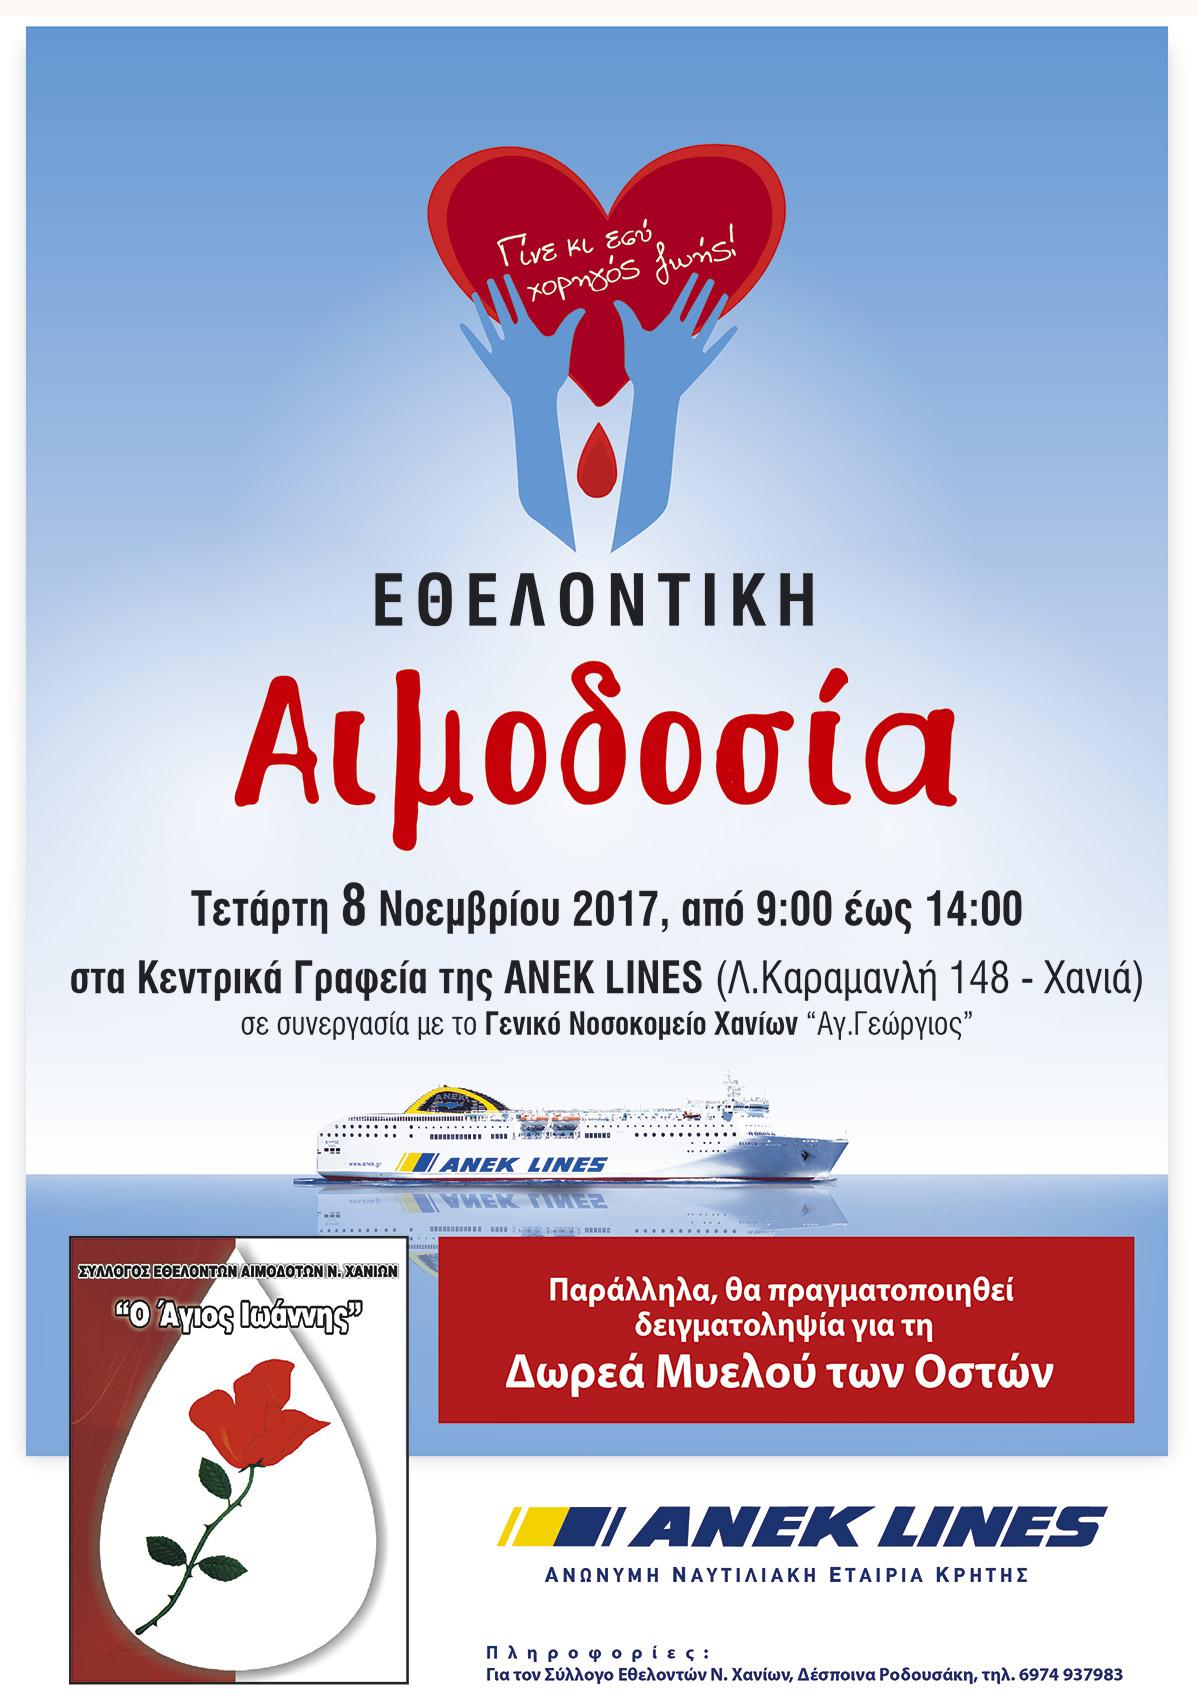 ΑΙΜΟΔΟΣΙΑ -ANEK-AΓ. ΙΩΑΝΝΗΣ